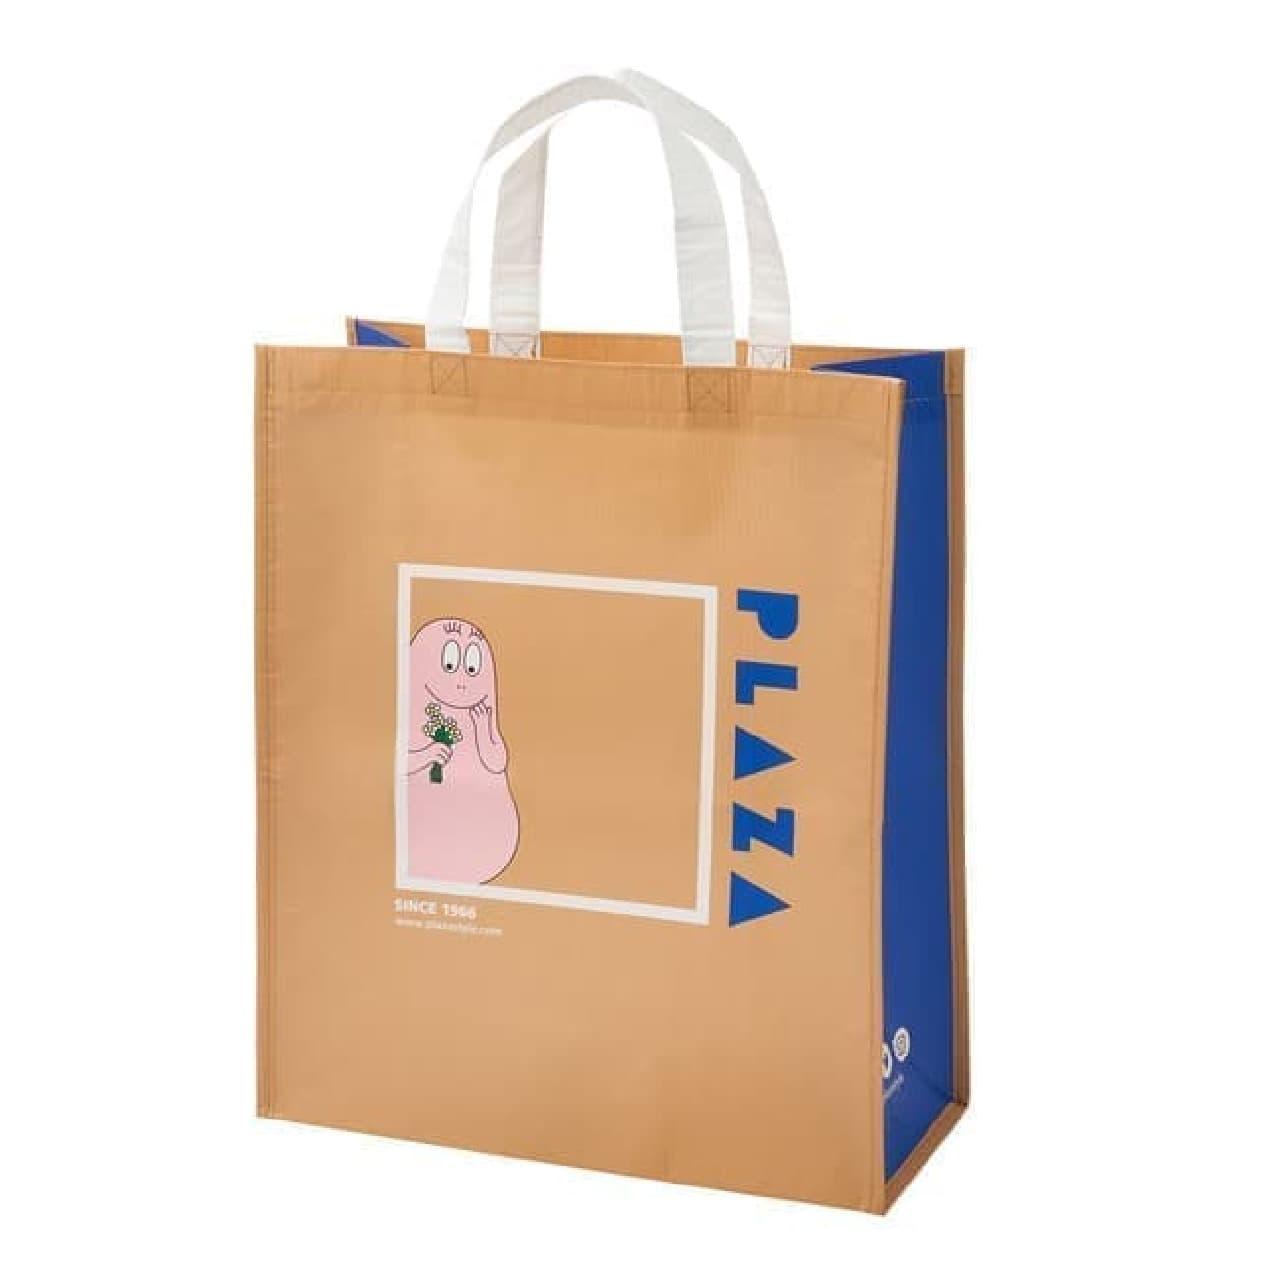 エコバッグの特典も!PLAZA「バーバパパプロモーション」可愛い&サステナブルな雑貨